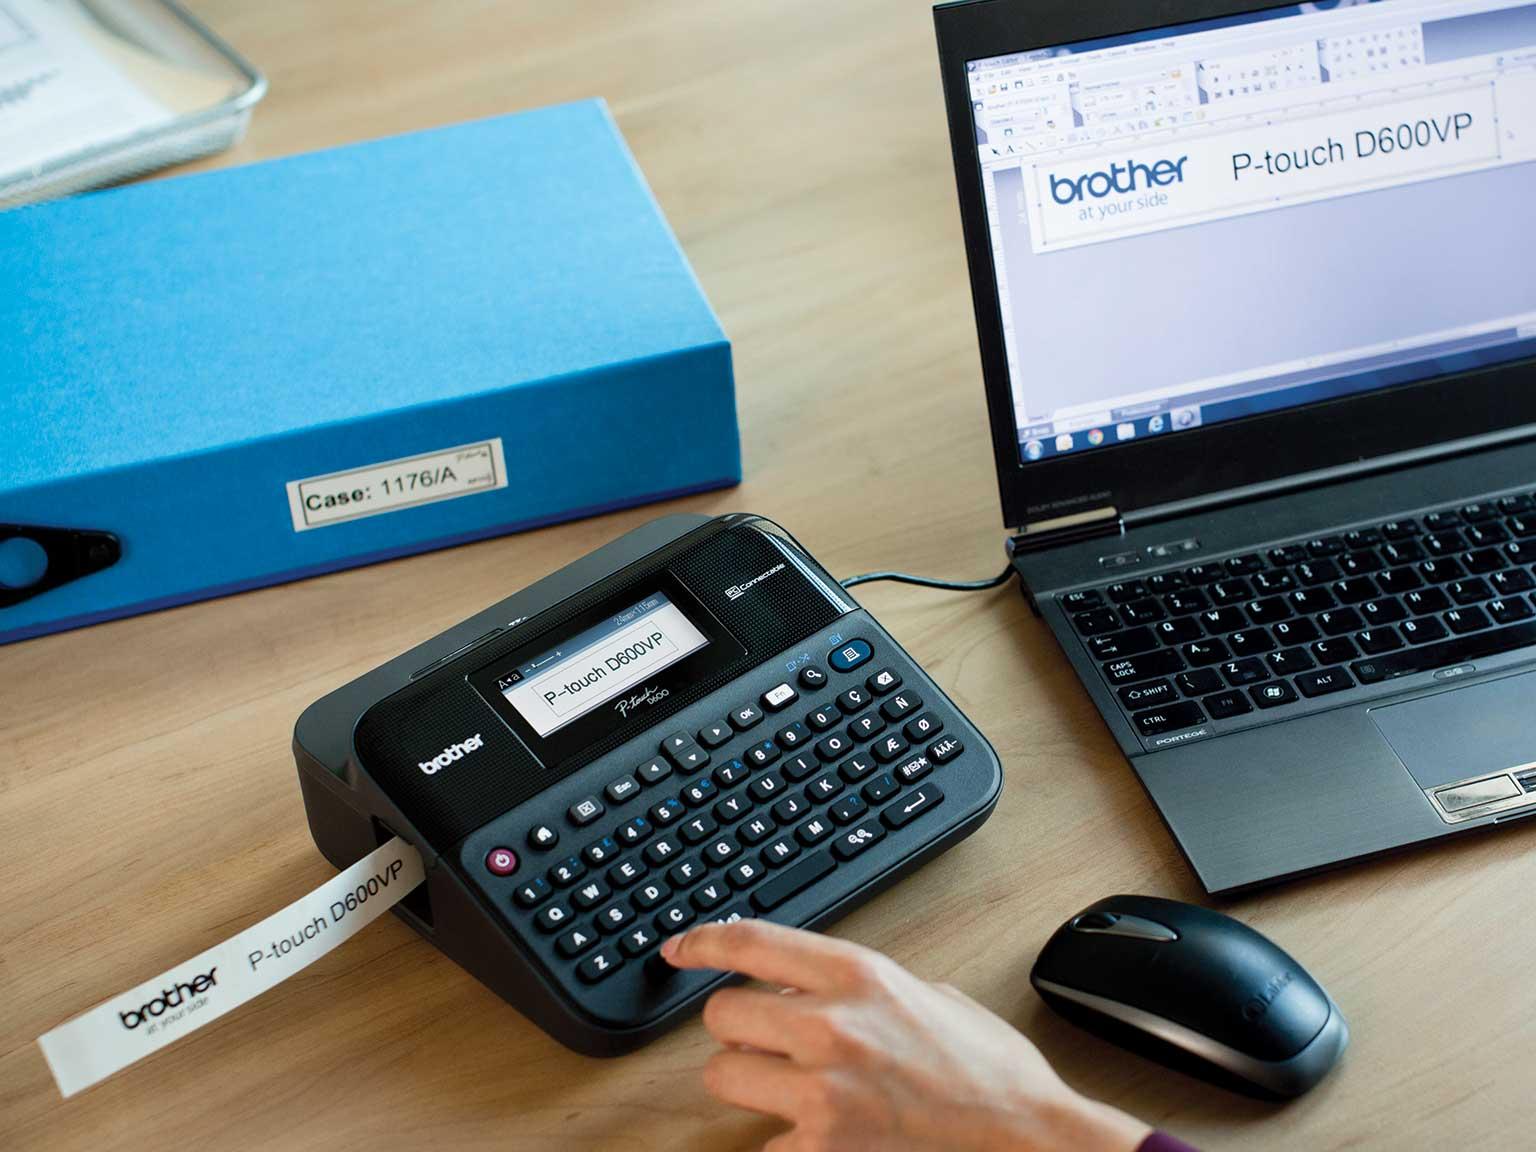 Brother P-touch merkemaskin på en kontorpult koblet til en datamaskin